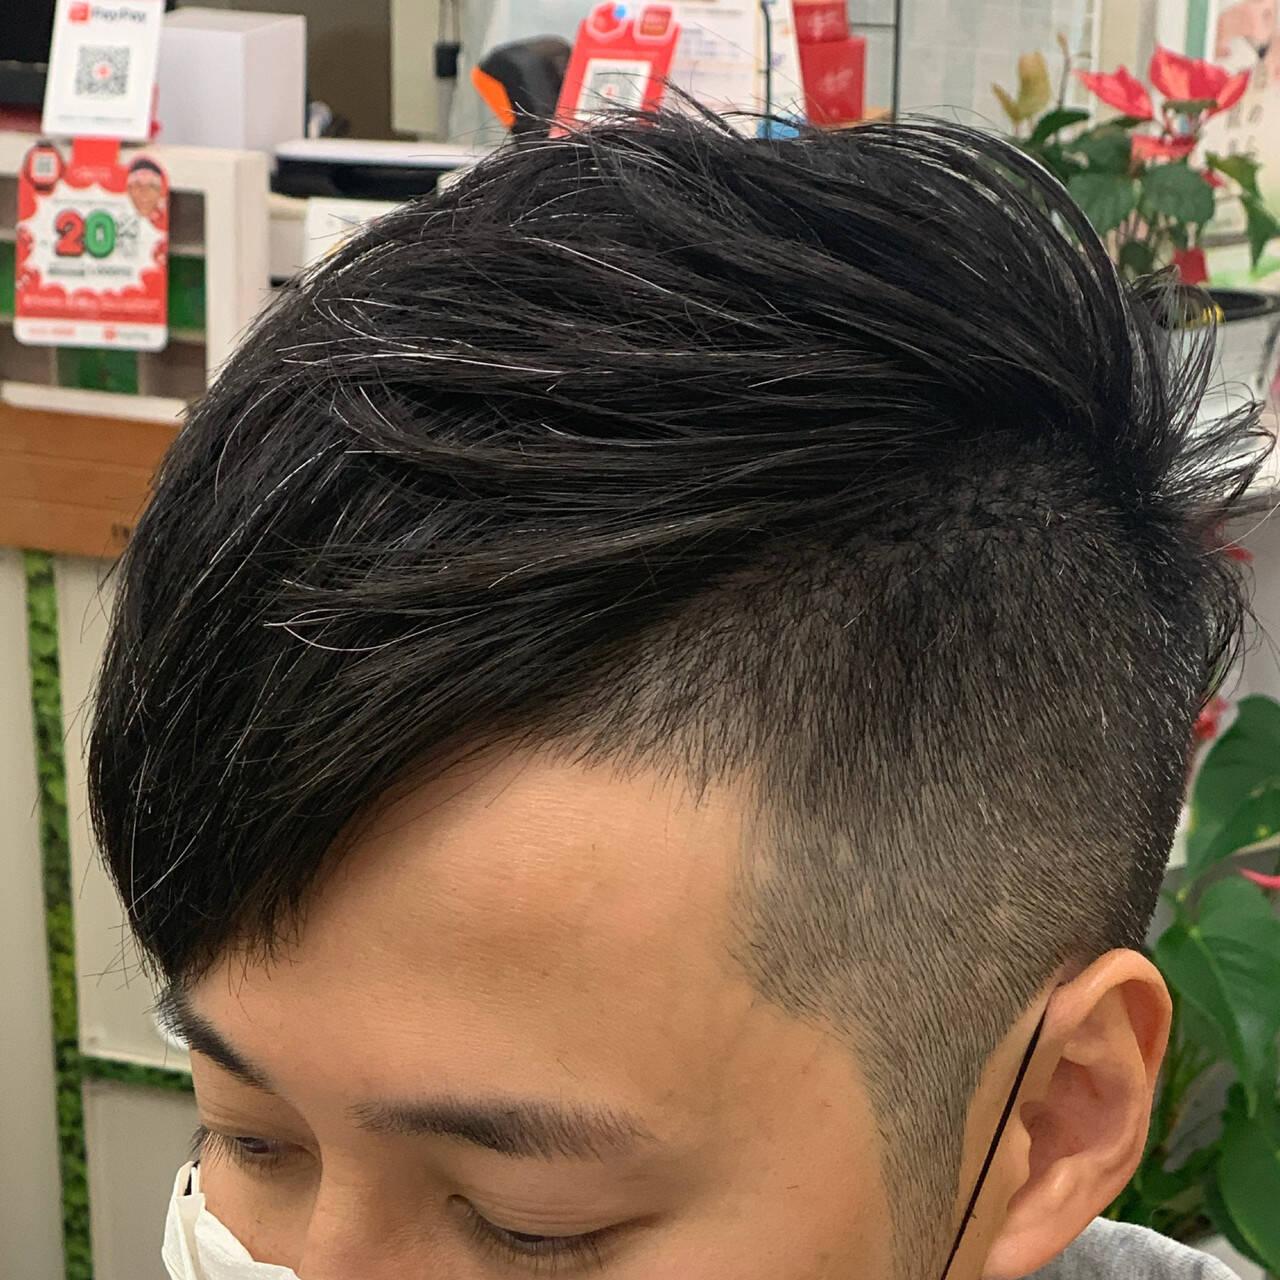 ショート メンズショート ツーブロック メンズヘアスタイルや髪型の写真・画像